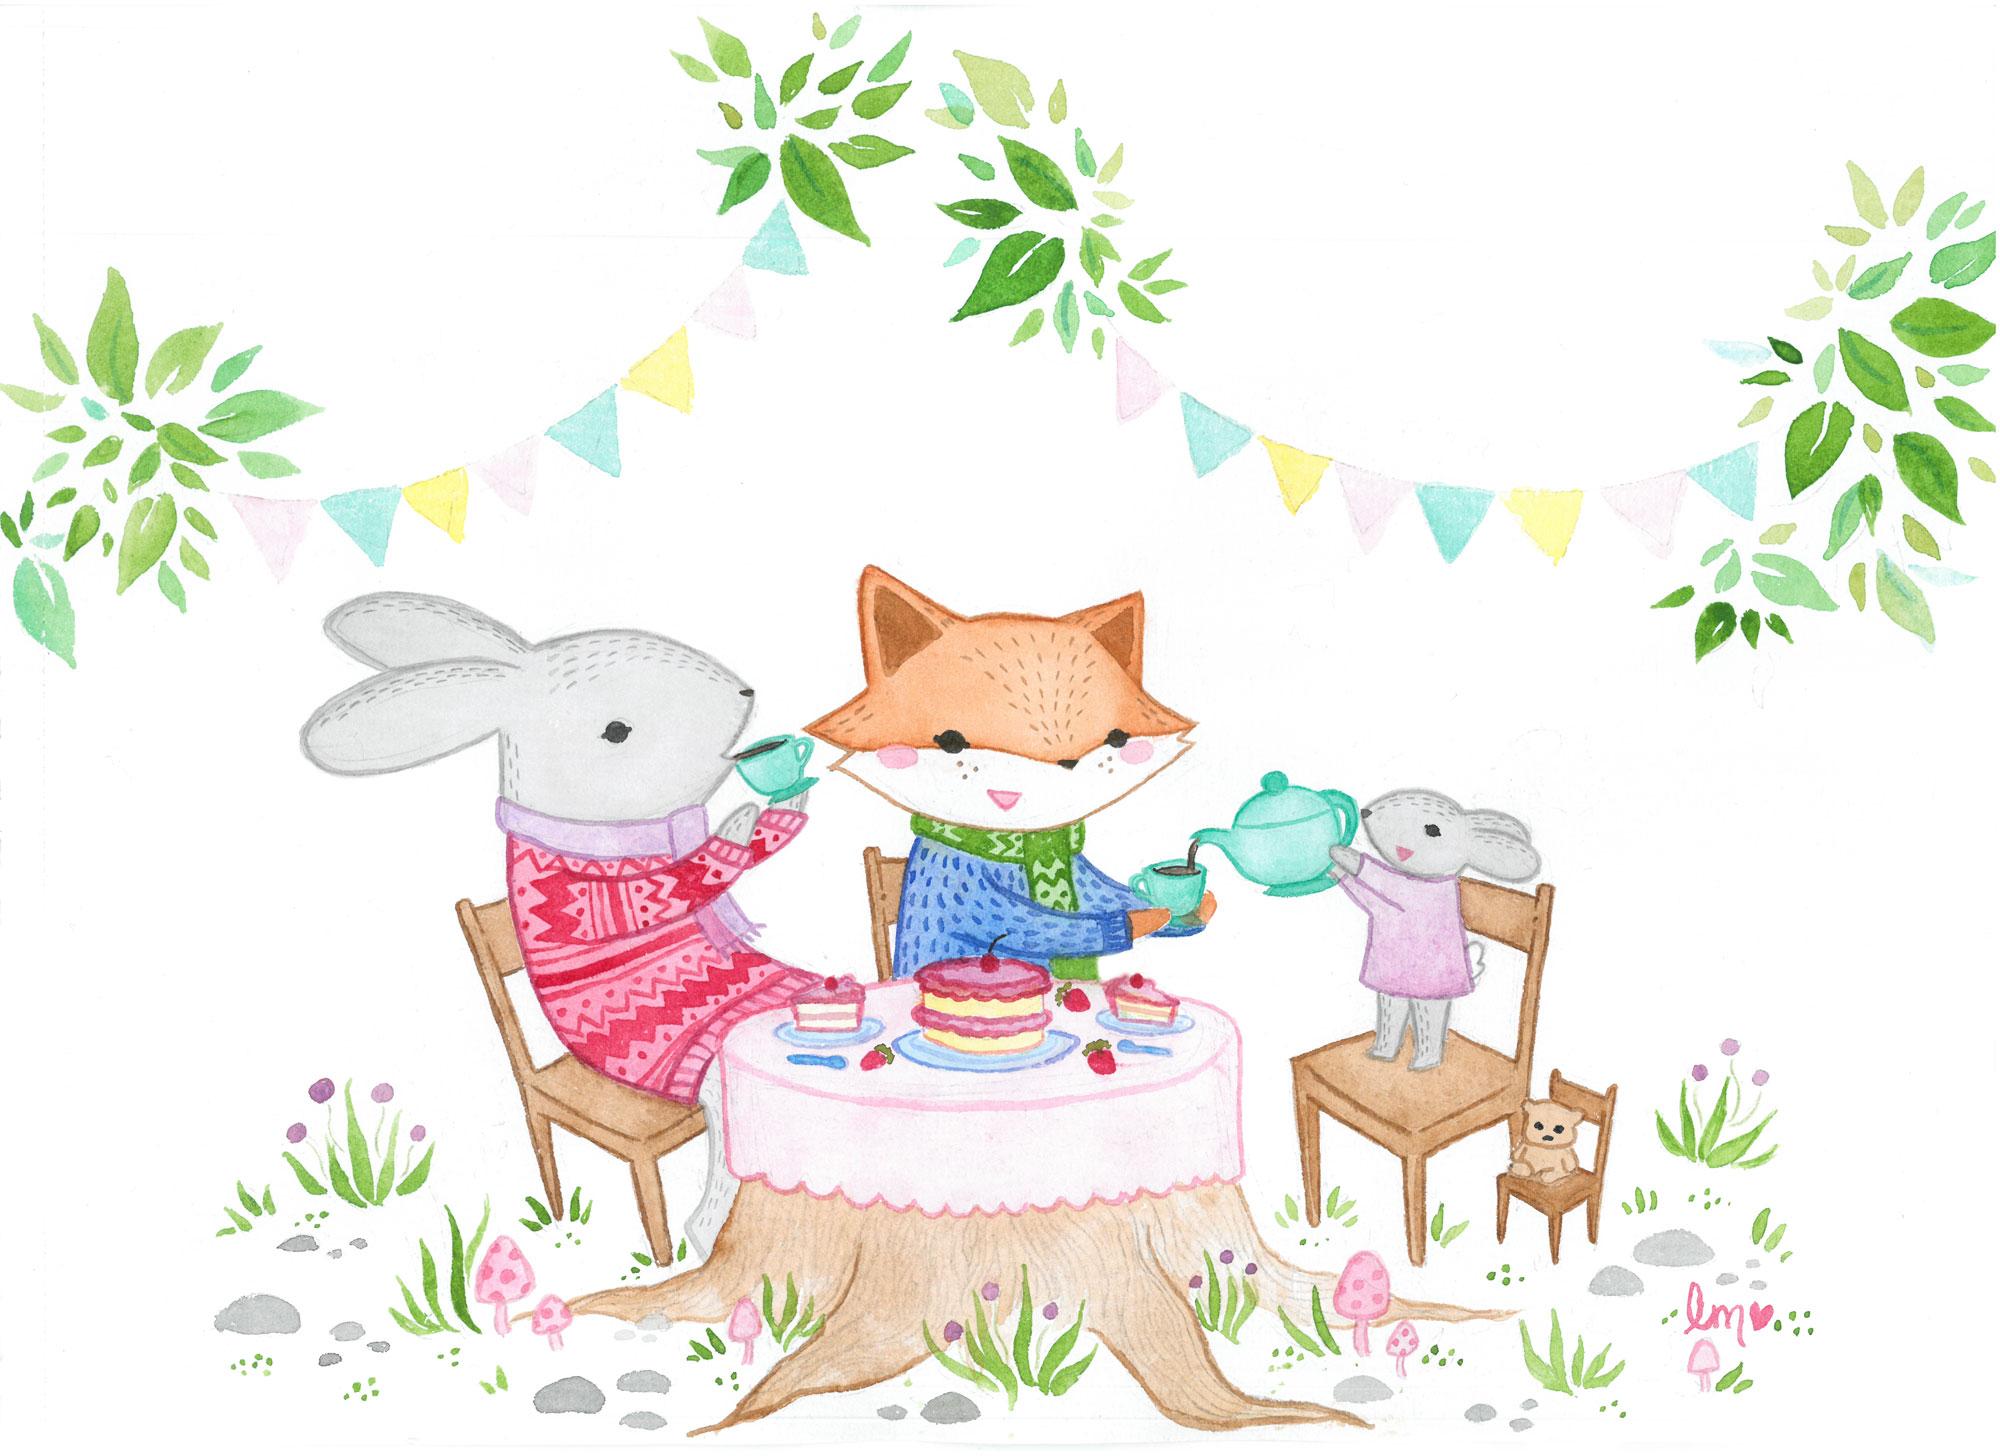 Lauren Metzler Children's Book Illustration view more at laurenmetzler.com